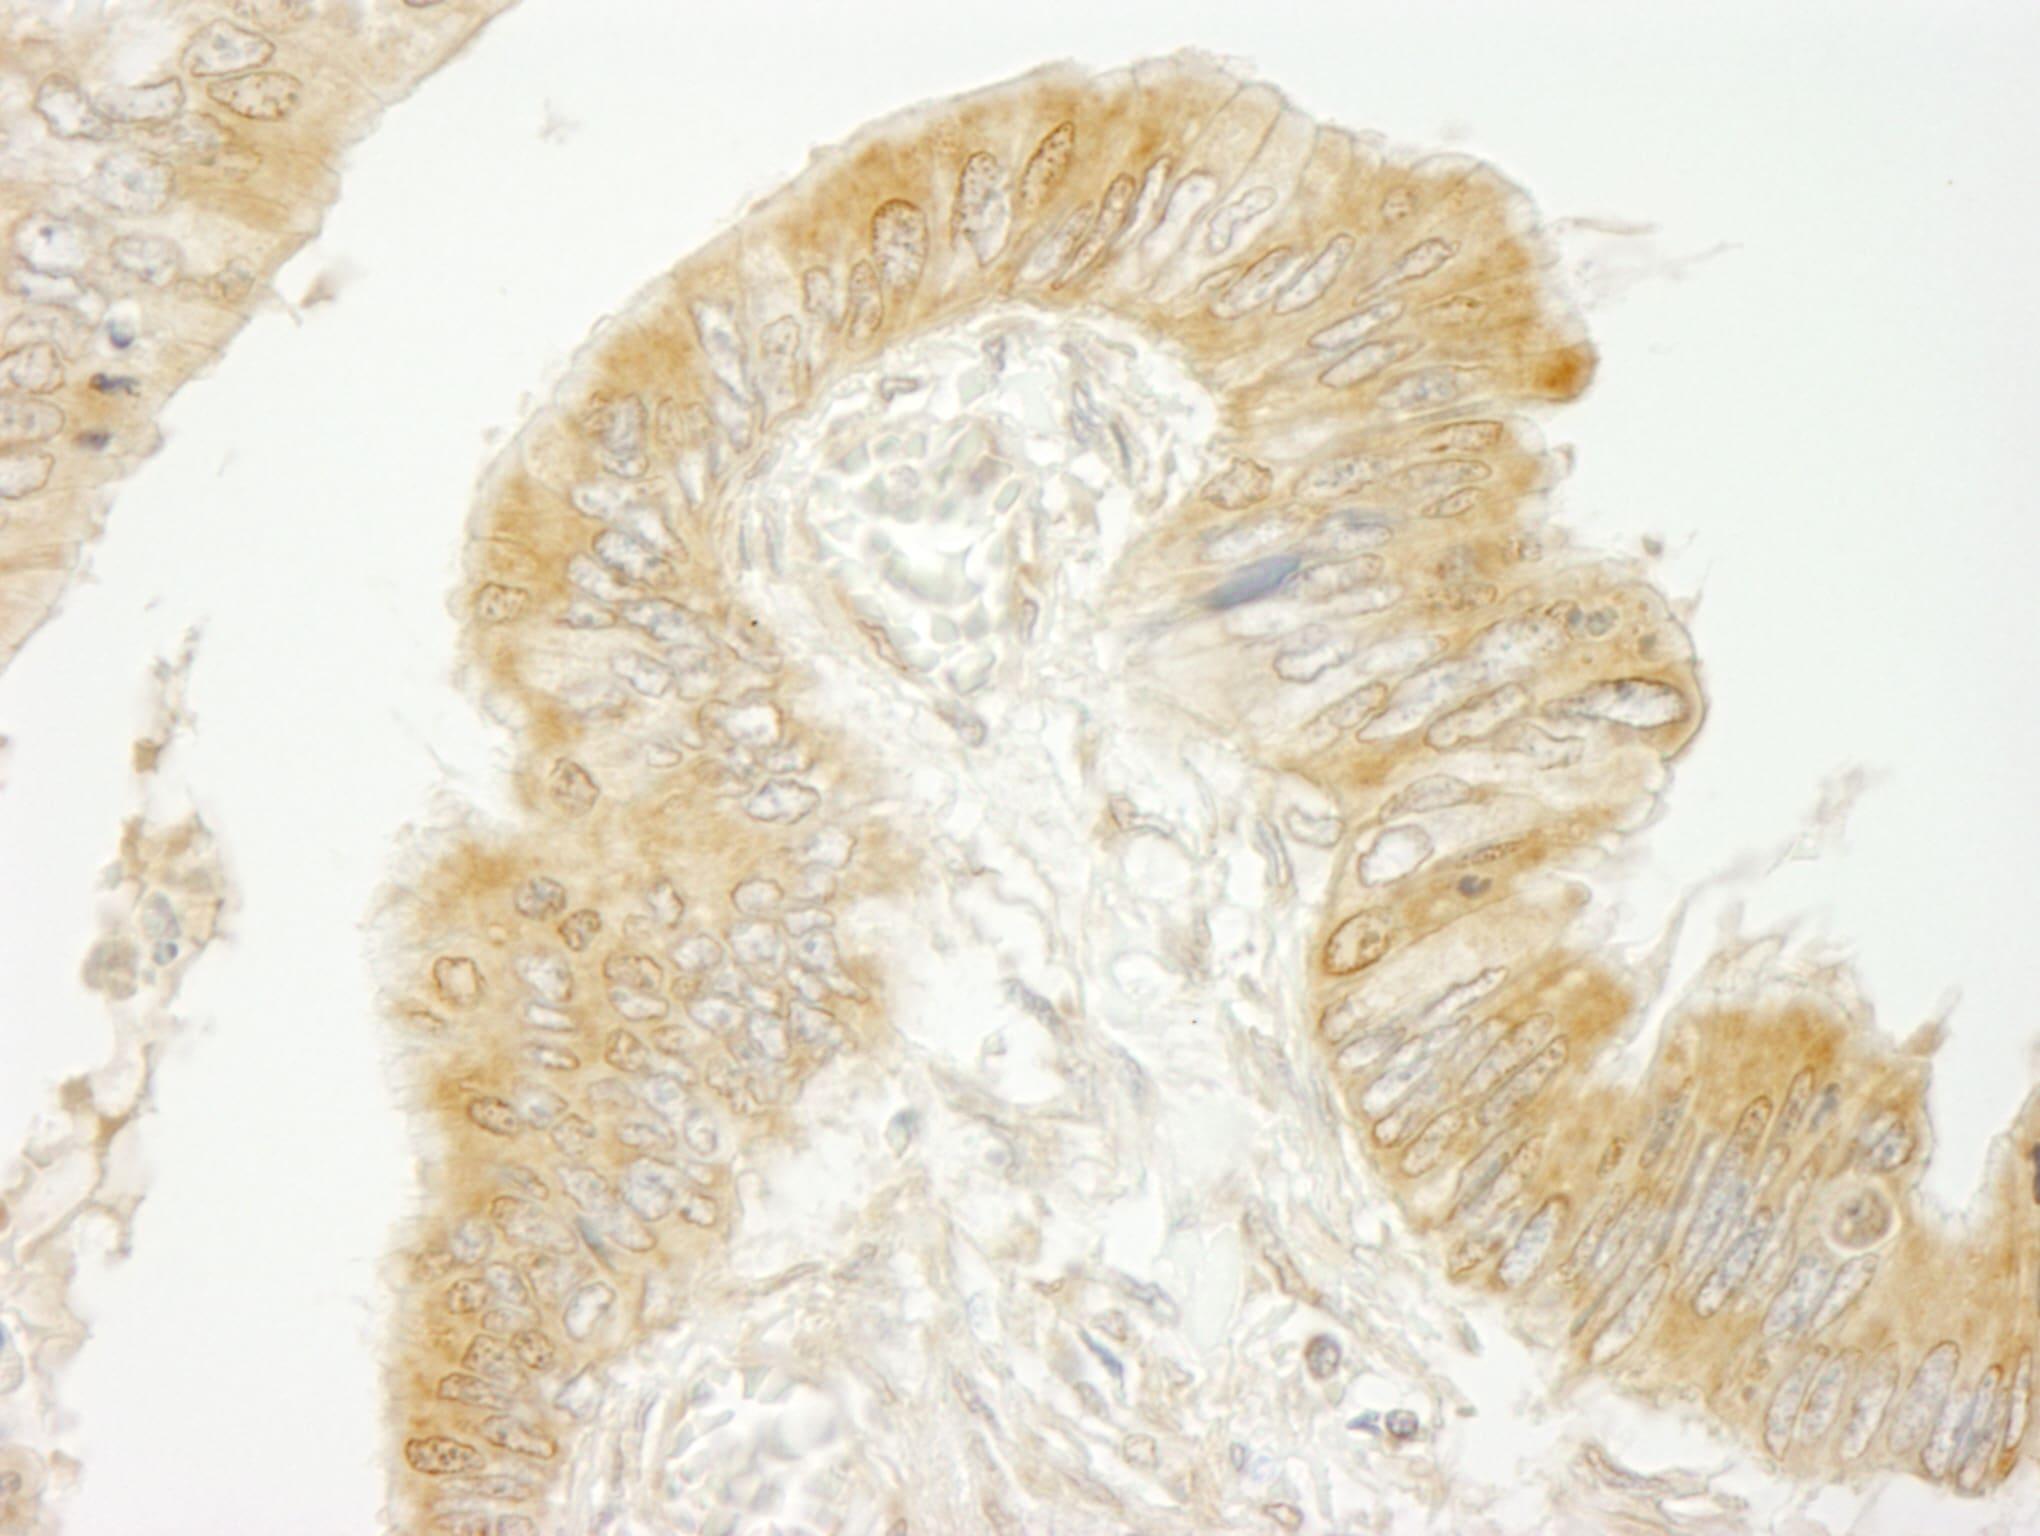 BIG2/ARFGEF2 Antibody in Immunohistochemistry (IHC)